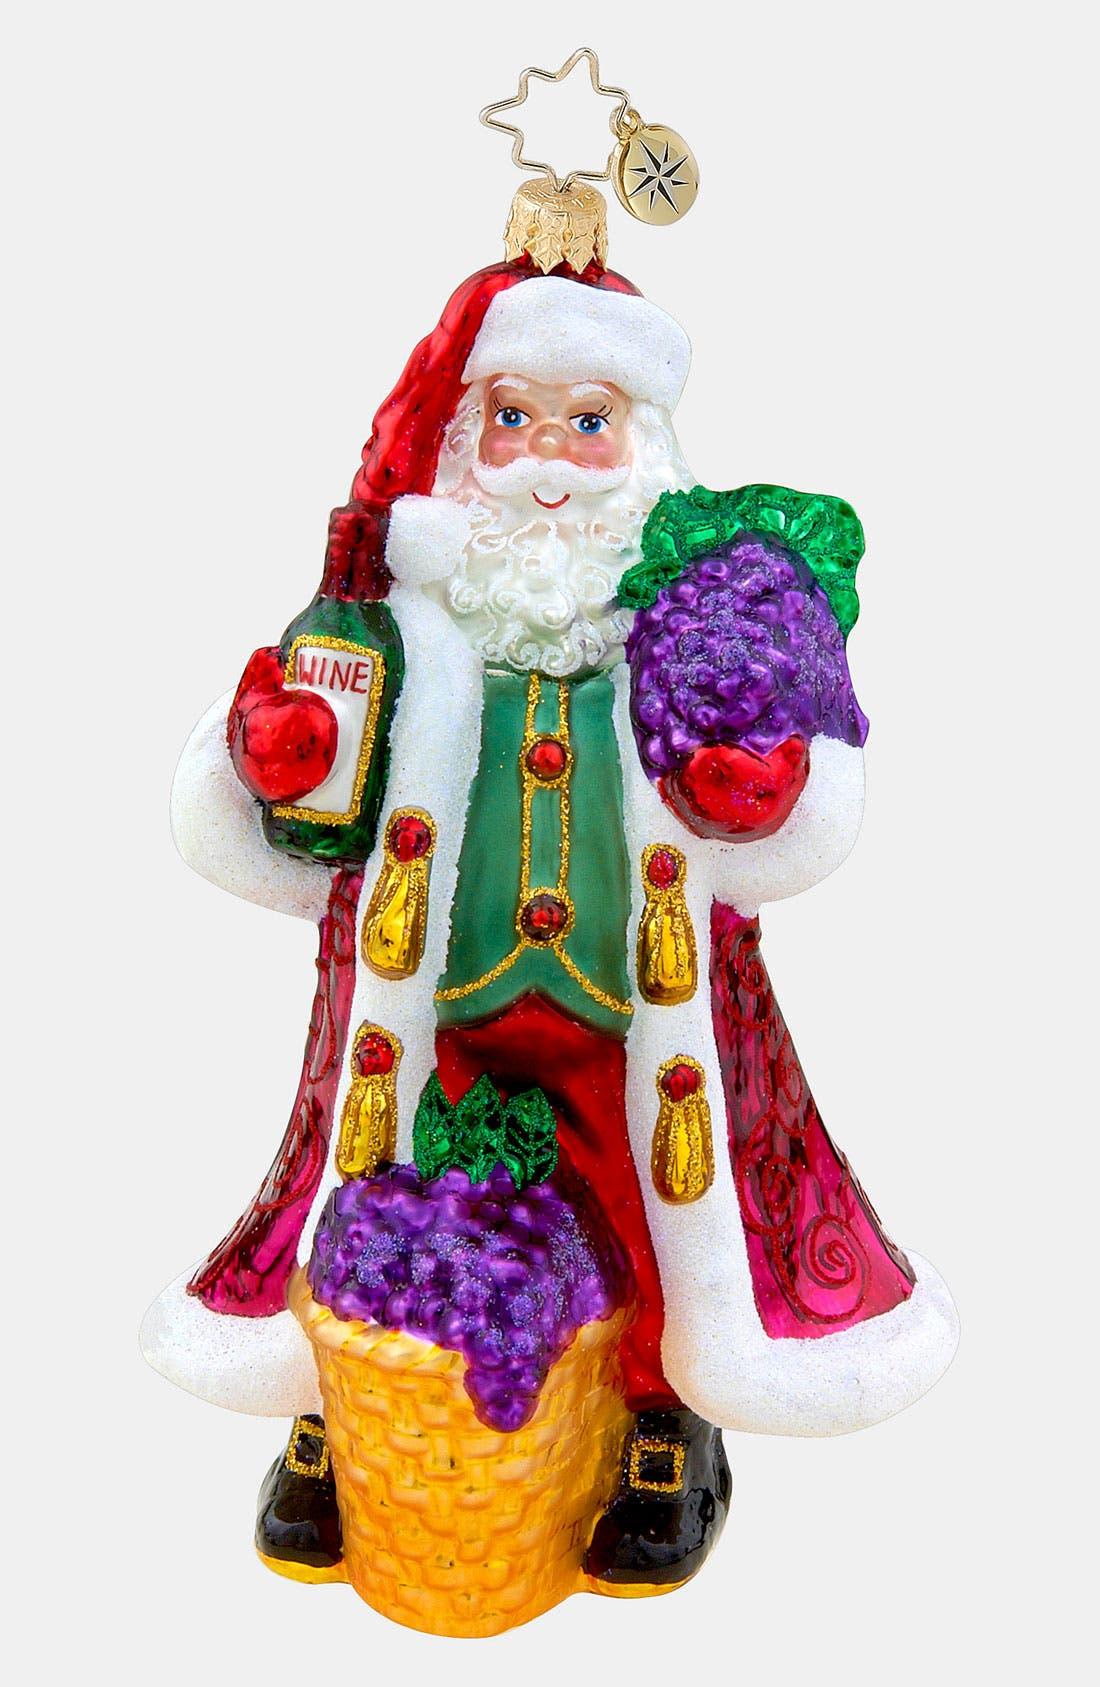 Alternate Image 1 Selected - Christopher Radko 'Merlot Merriment' Ornament